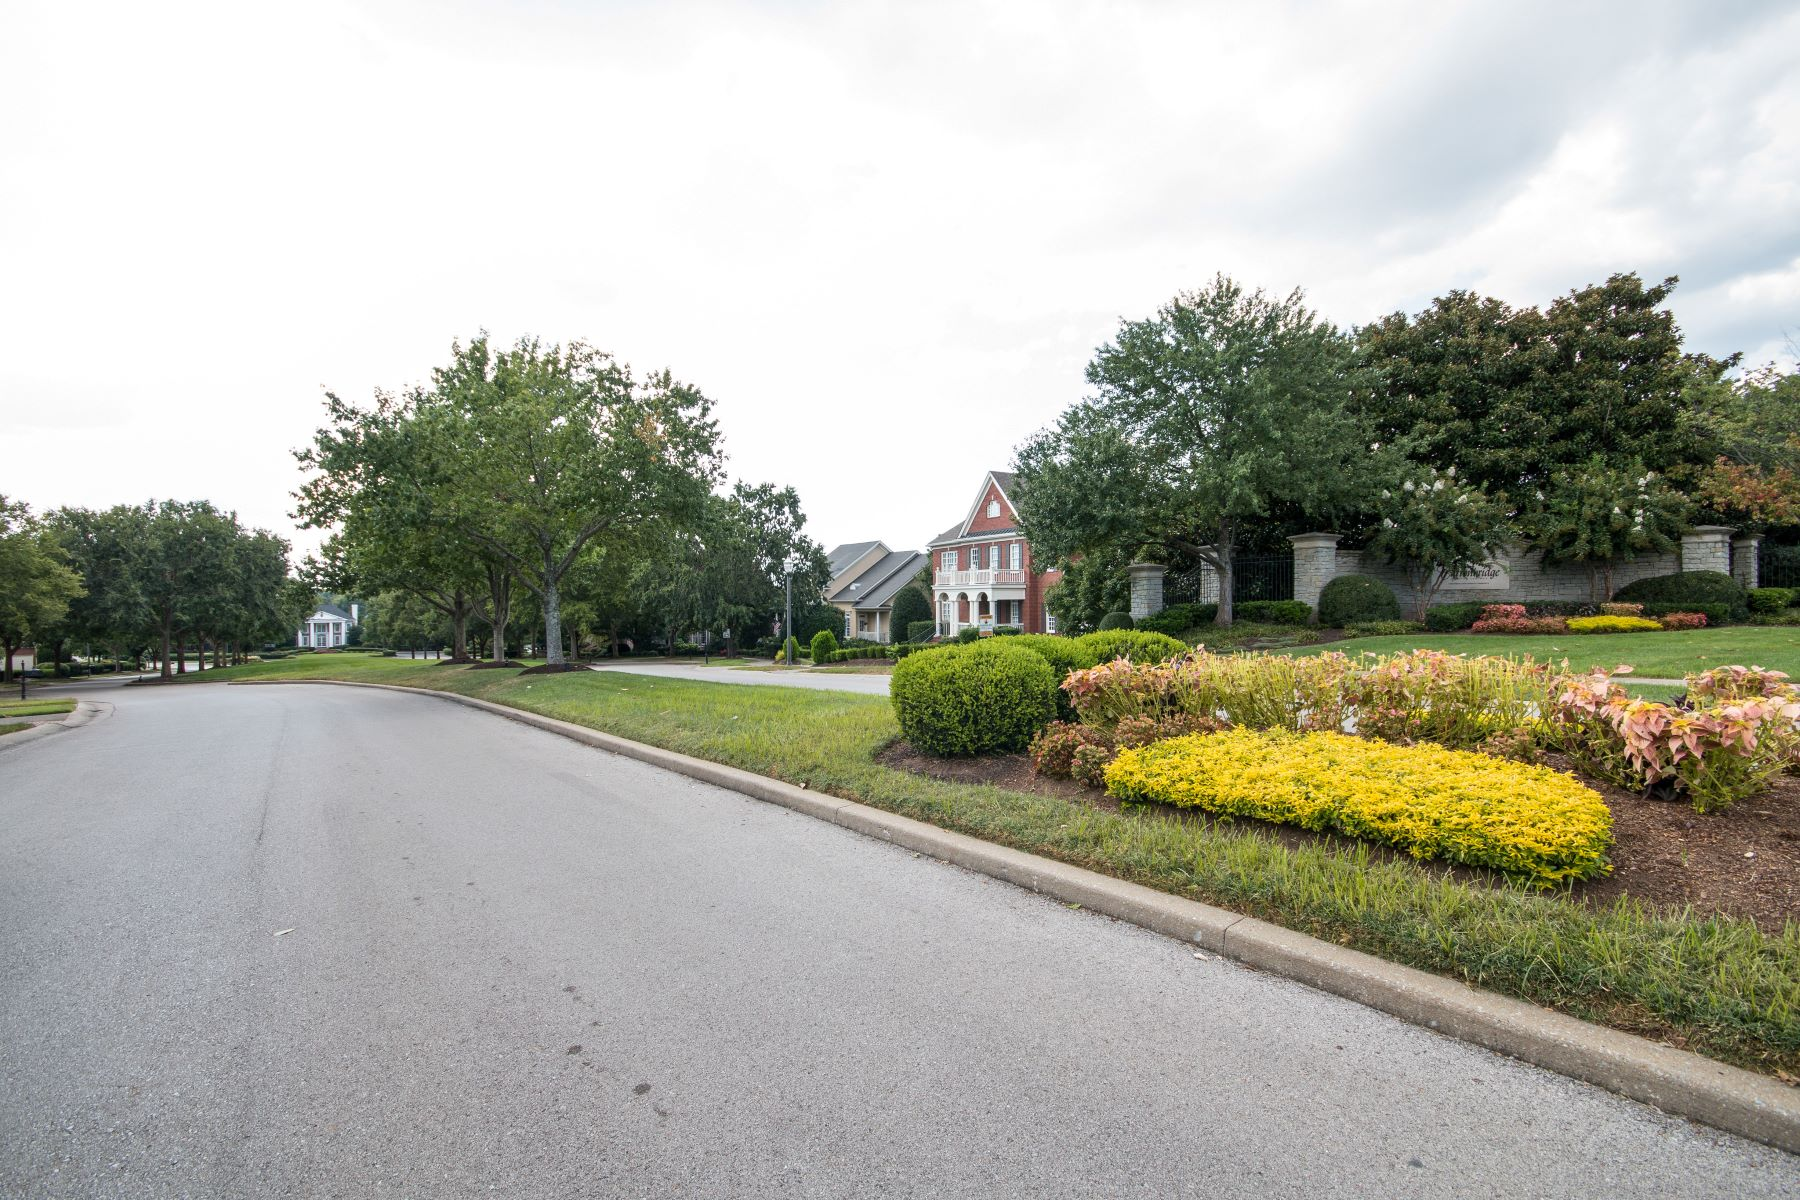 Villa per Vendita alle ore Stunning Remodeled Home in Carronbridge 440 Autumn Trail Lane Franklin, Tennessee, 37067 Stati Uniti